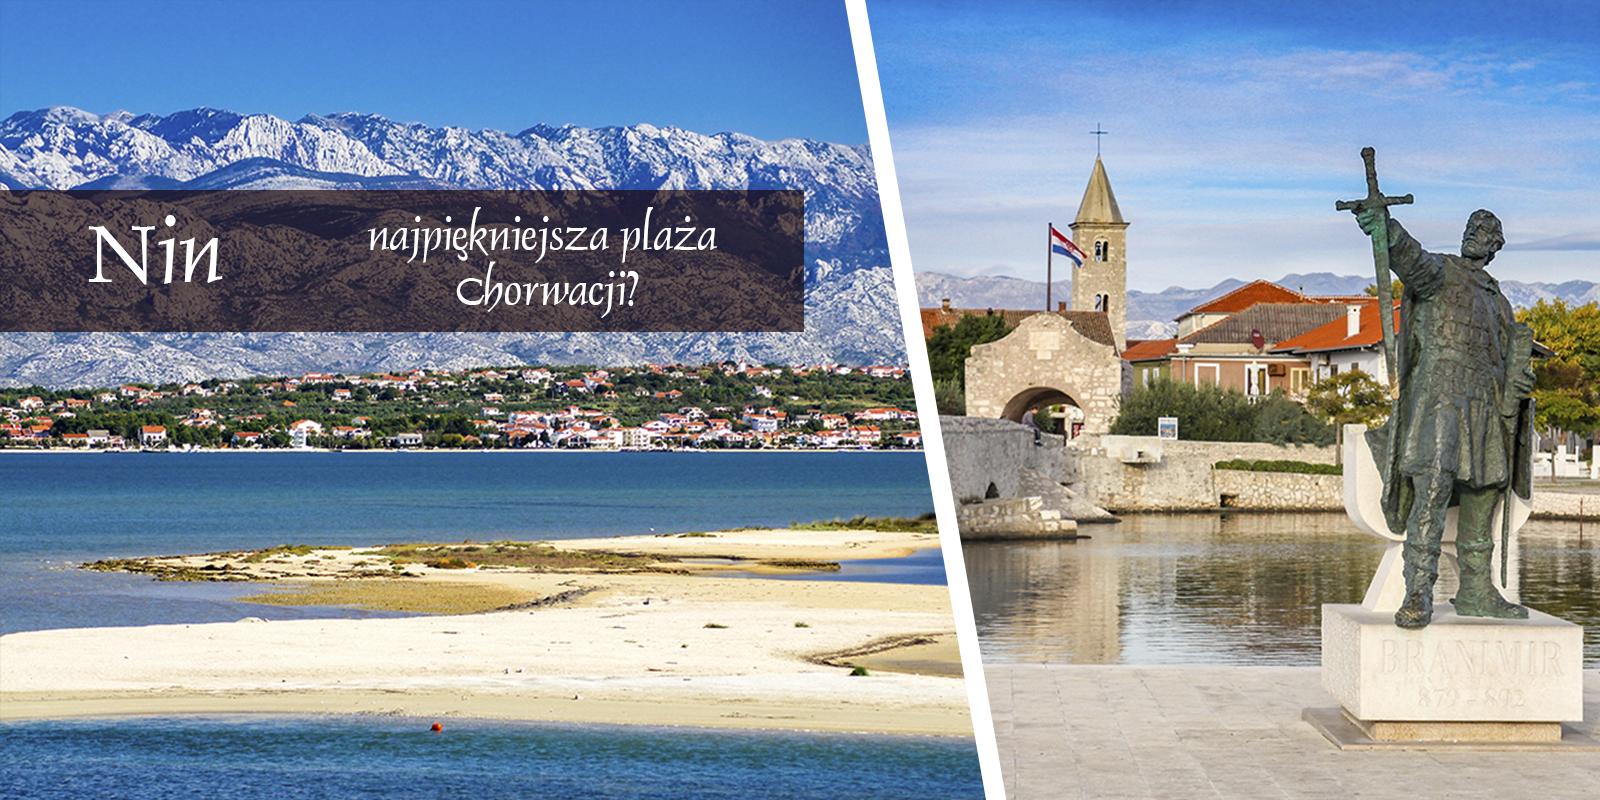 Nin Chorwacja Plaża Atrakcje Góry Zwiedzanie Noclegi